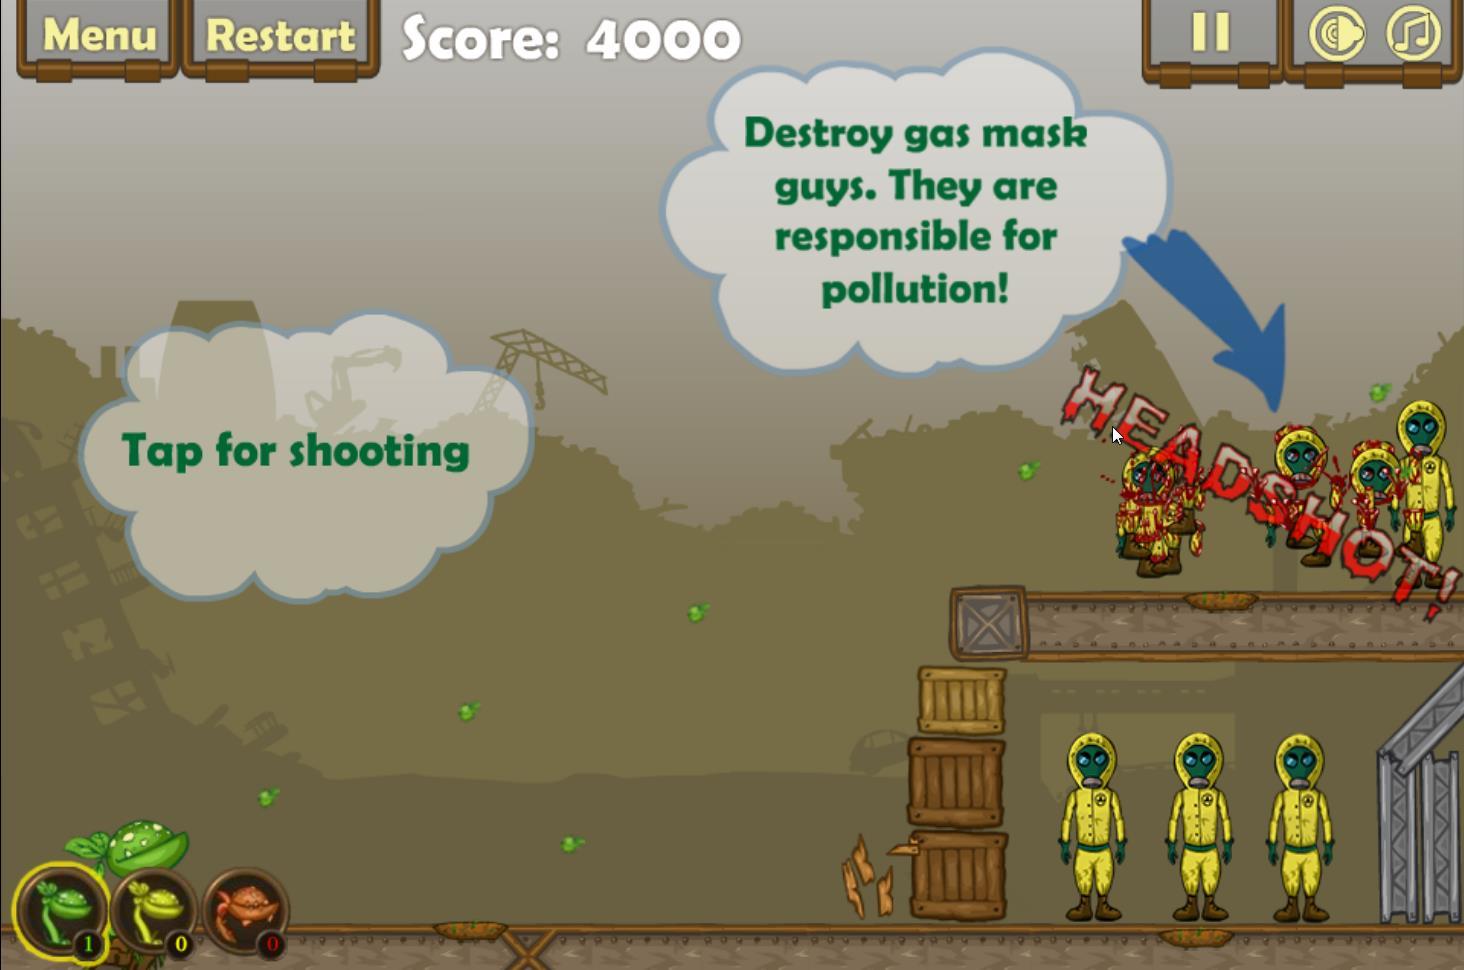 Изображение из игры Ответный удар природы